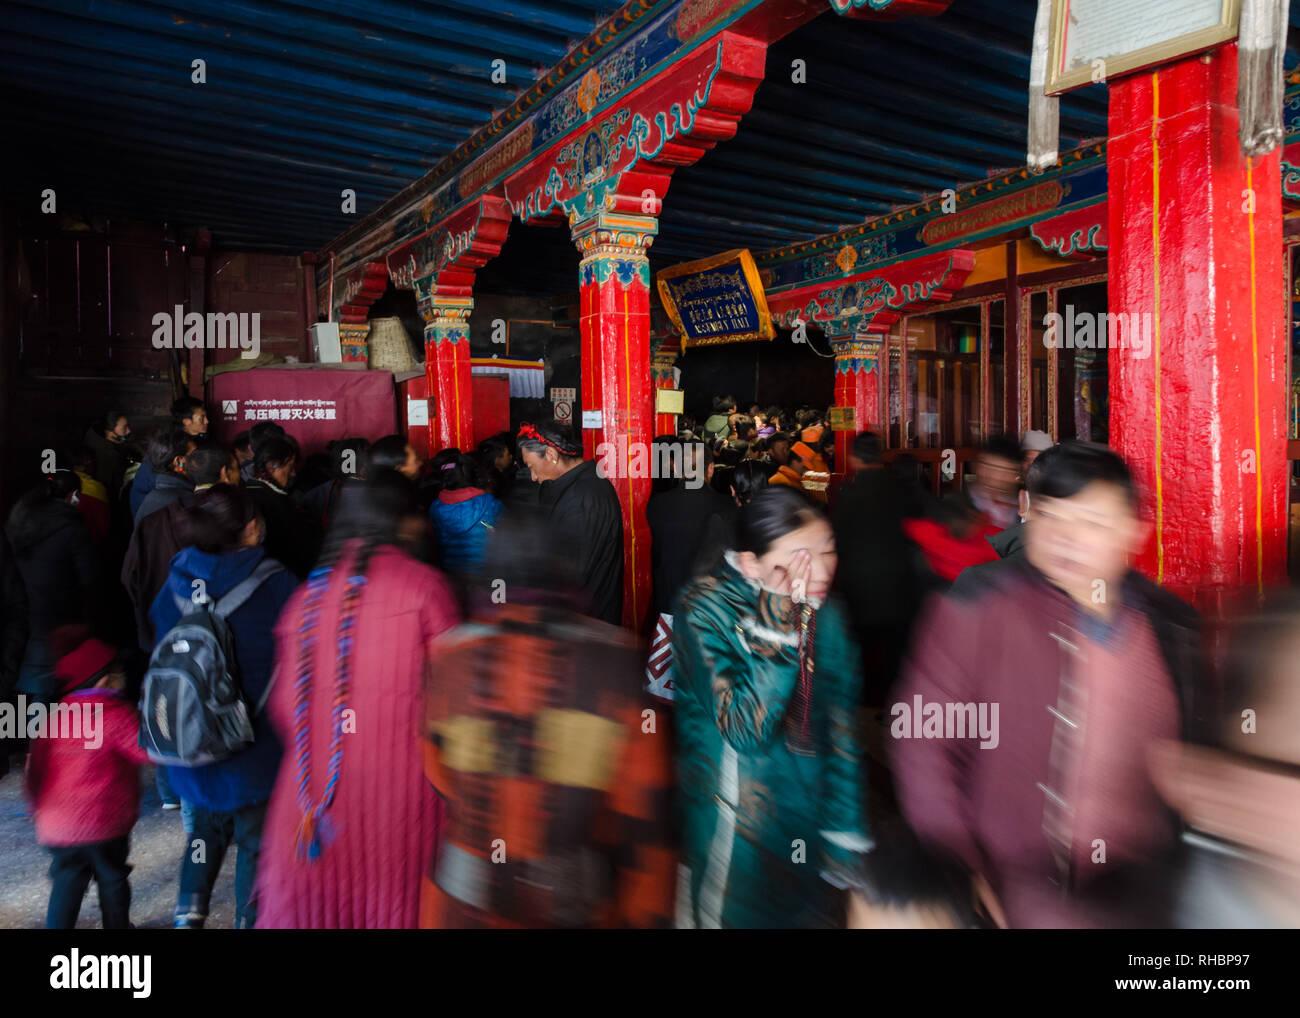 Foule des pèlerins bouddhistes tibétains à l'entrée du monastère de Tashi Lhunpo, Shigatse, Tibet Photo Stock